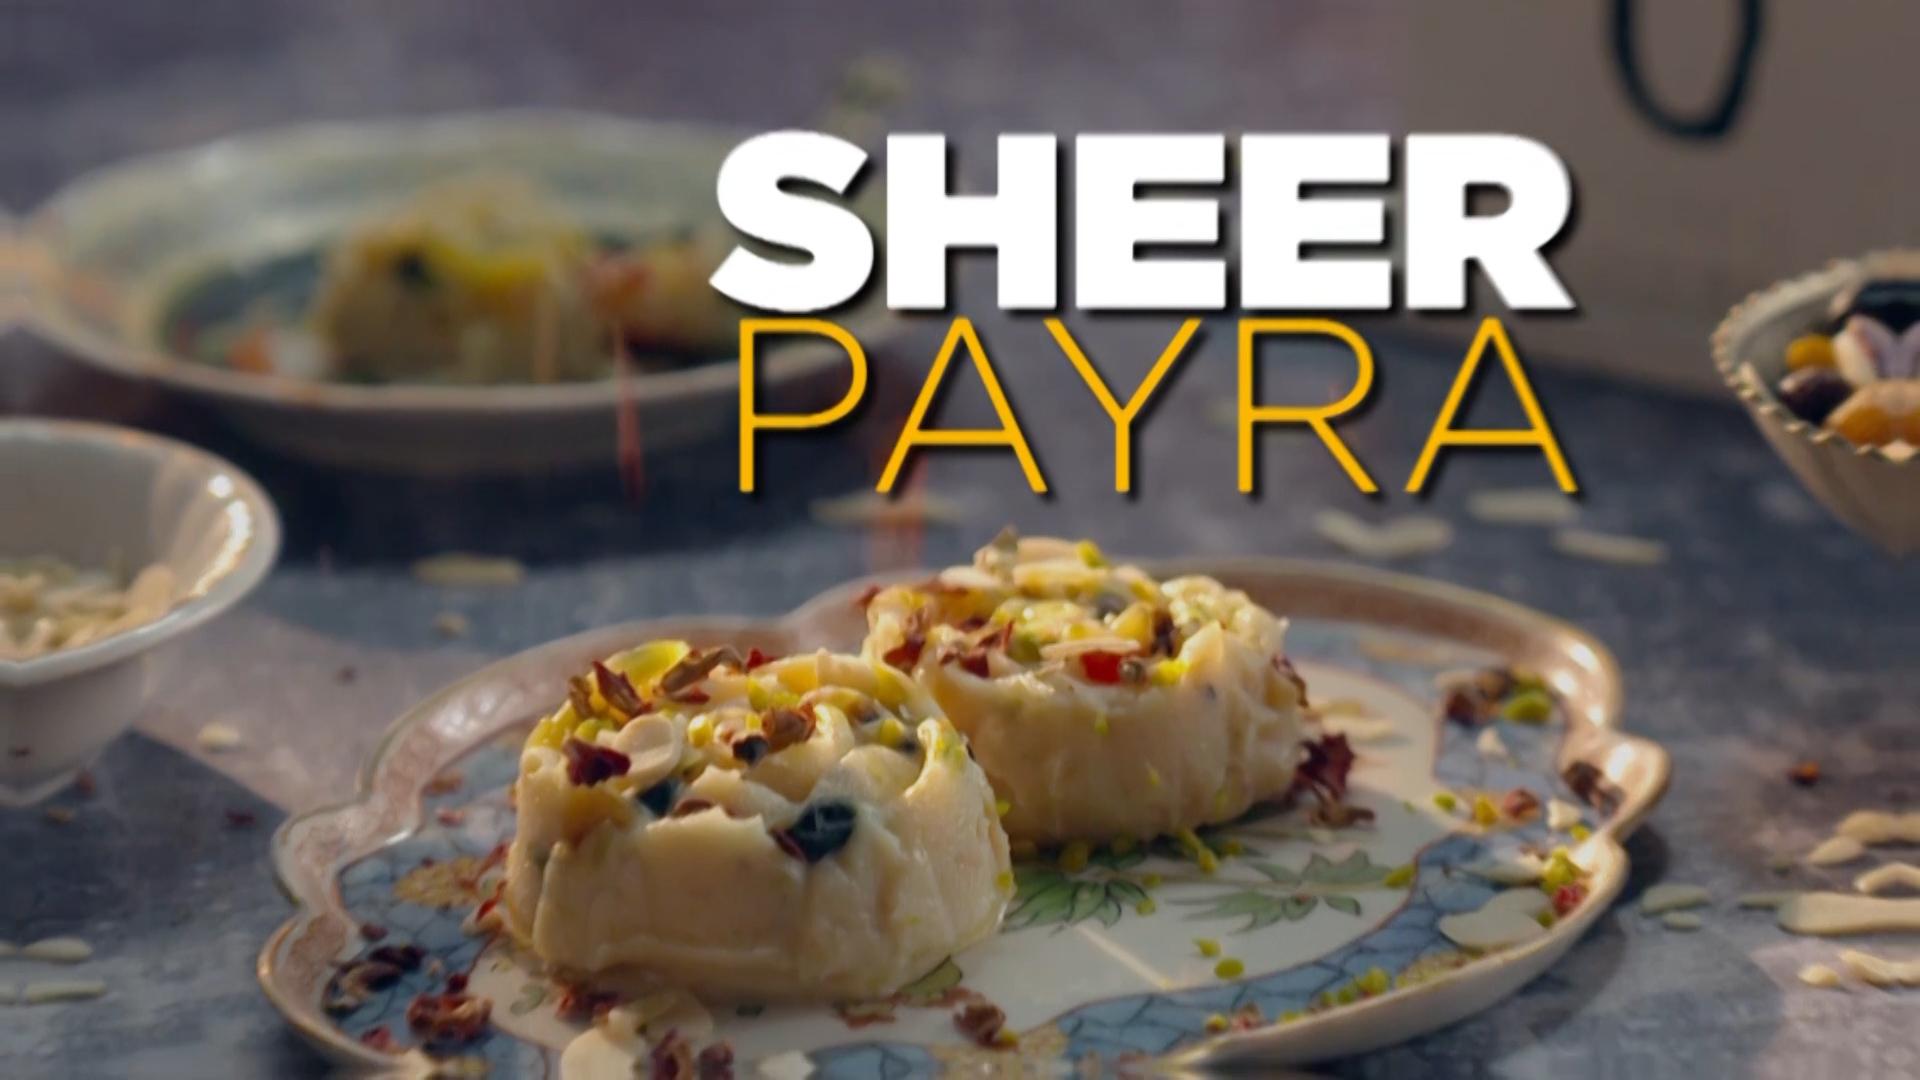 Sheer Payra